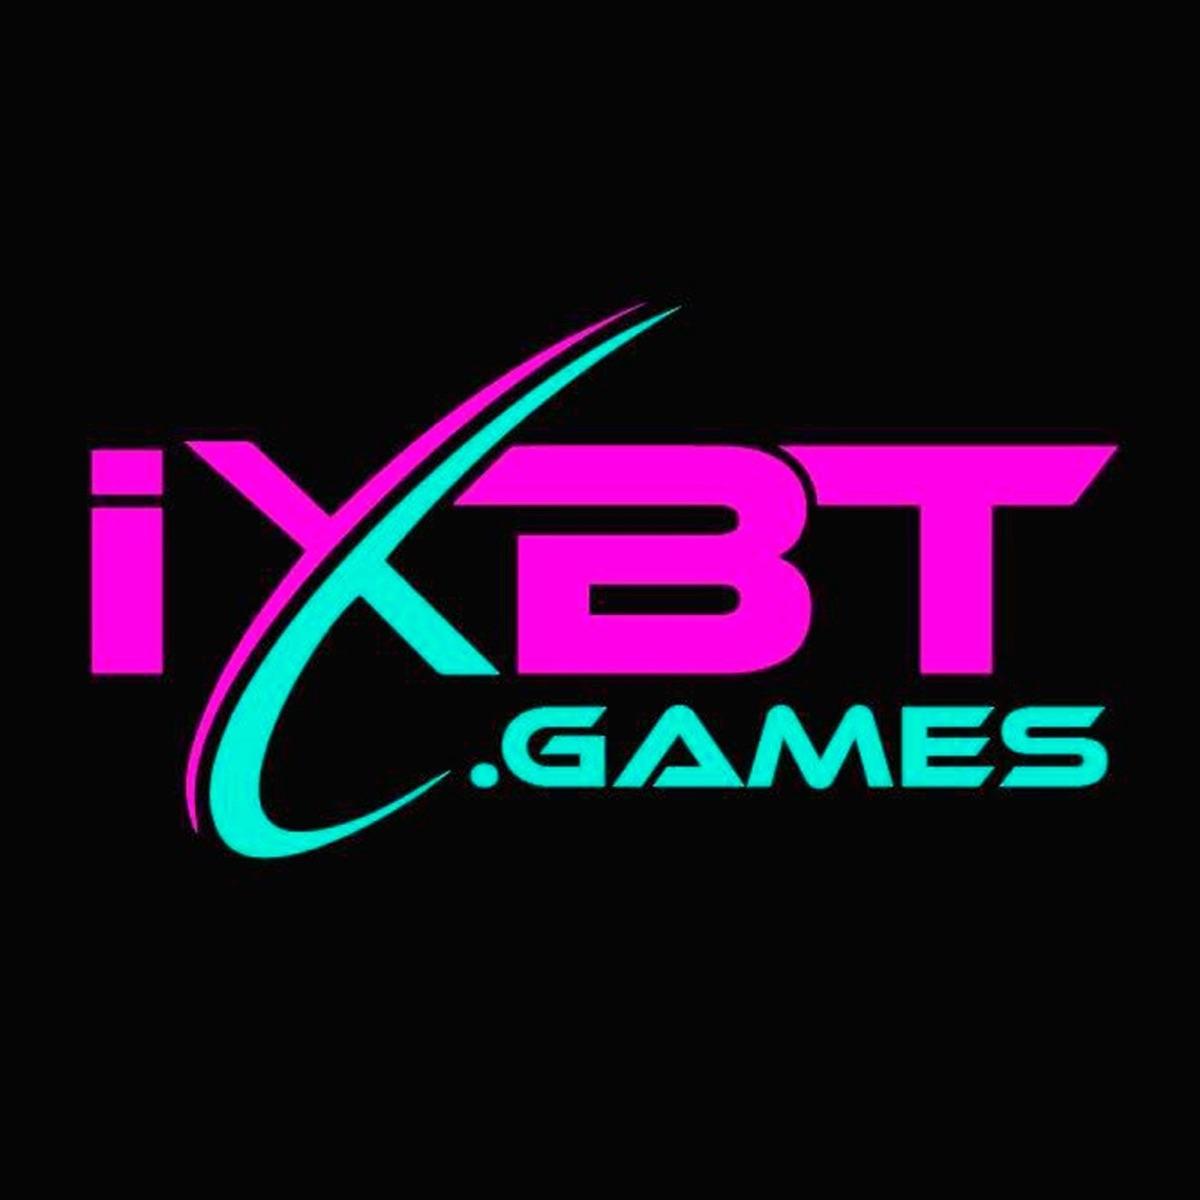 IXBT games